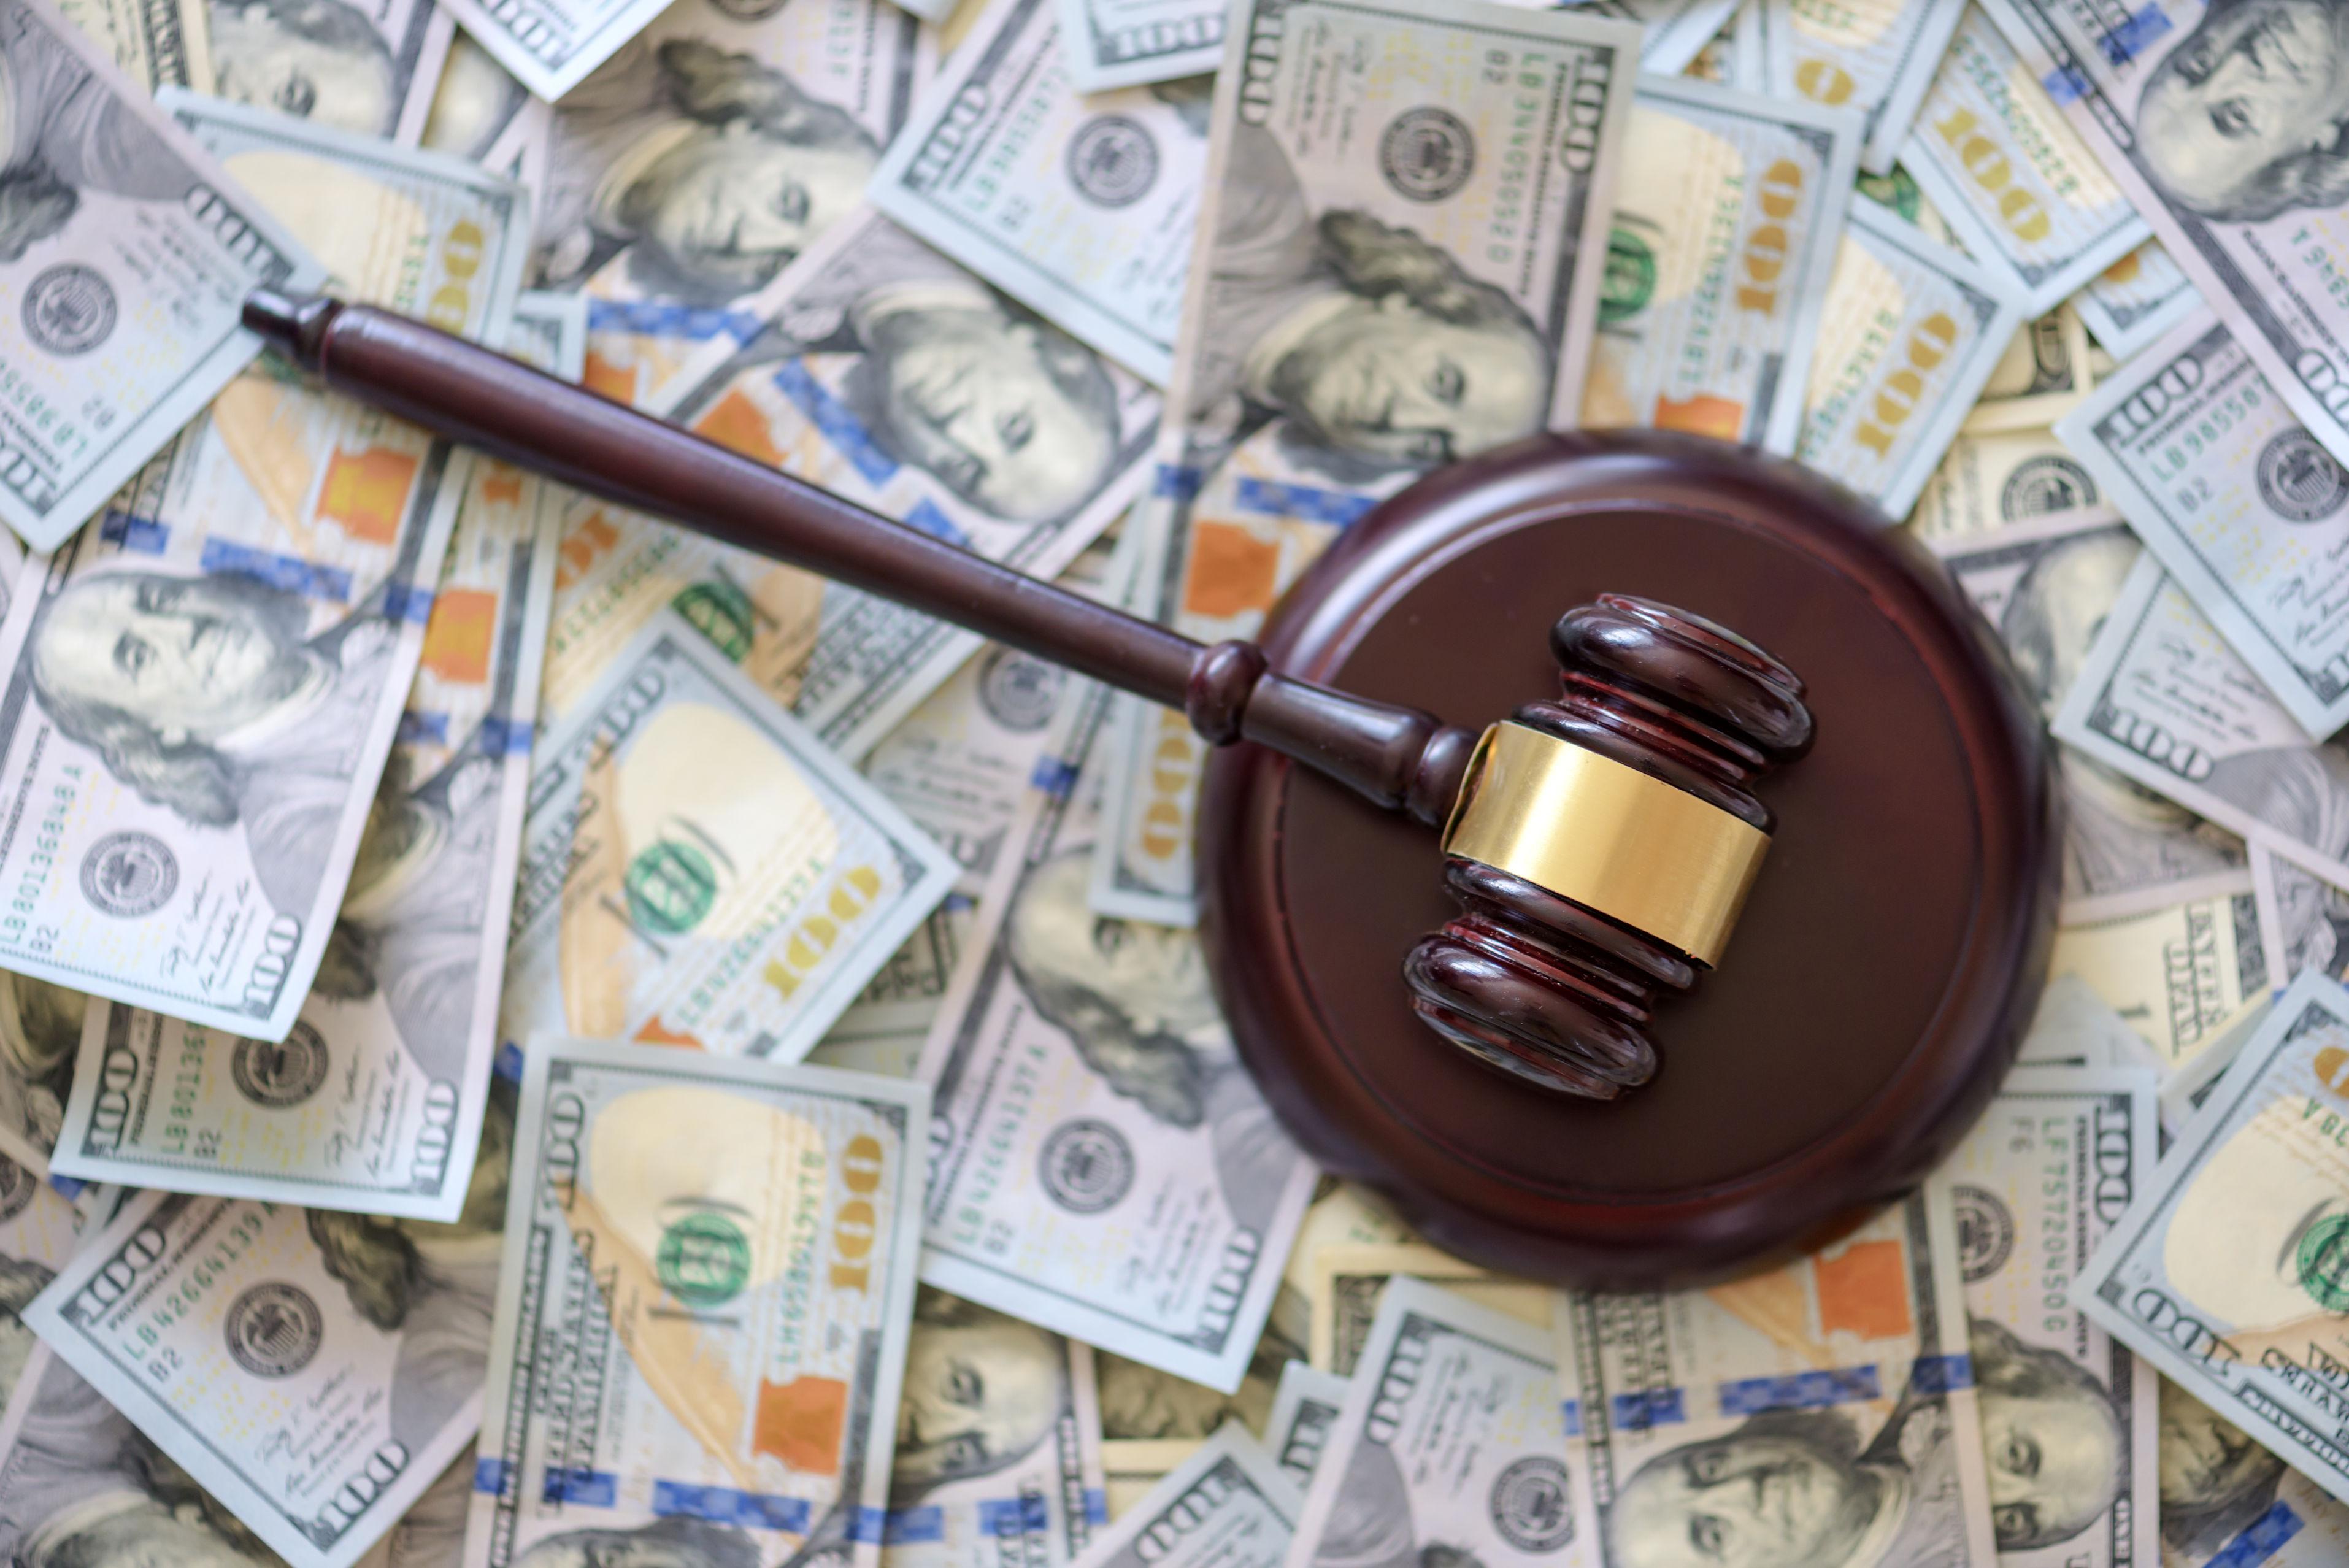 Money Laundering Penalties